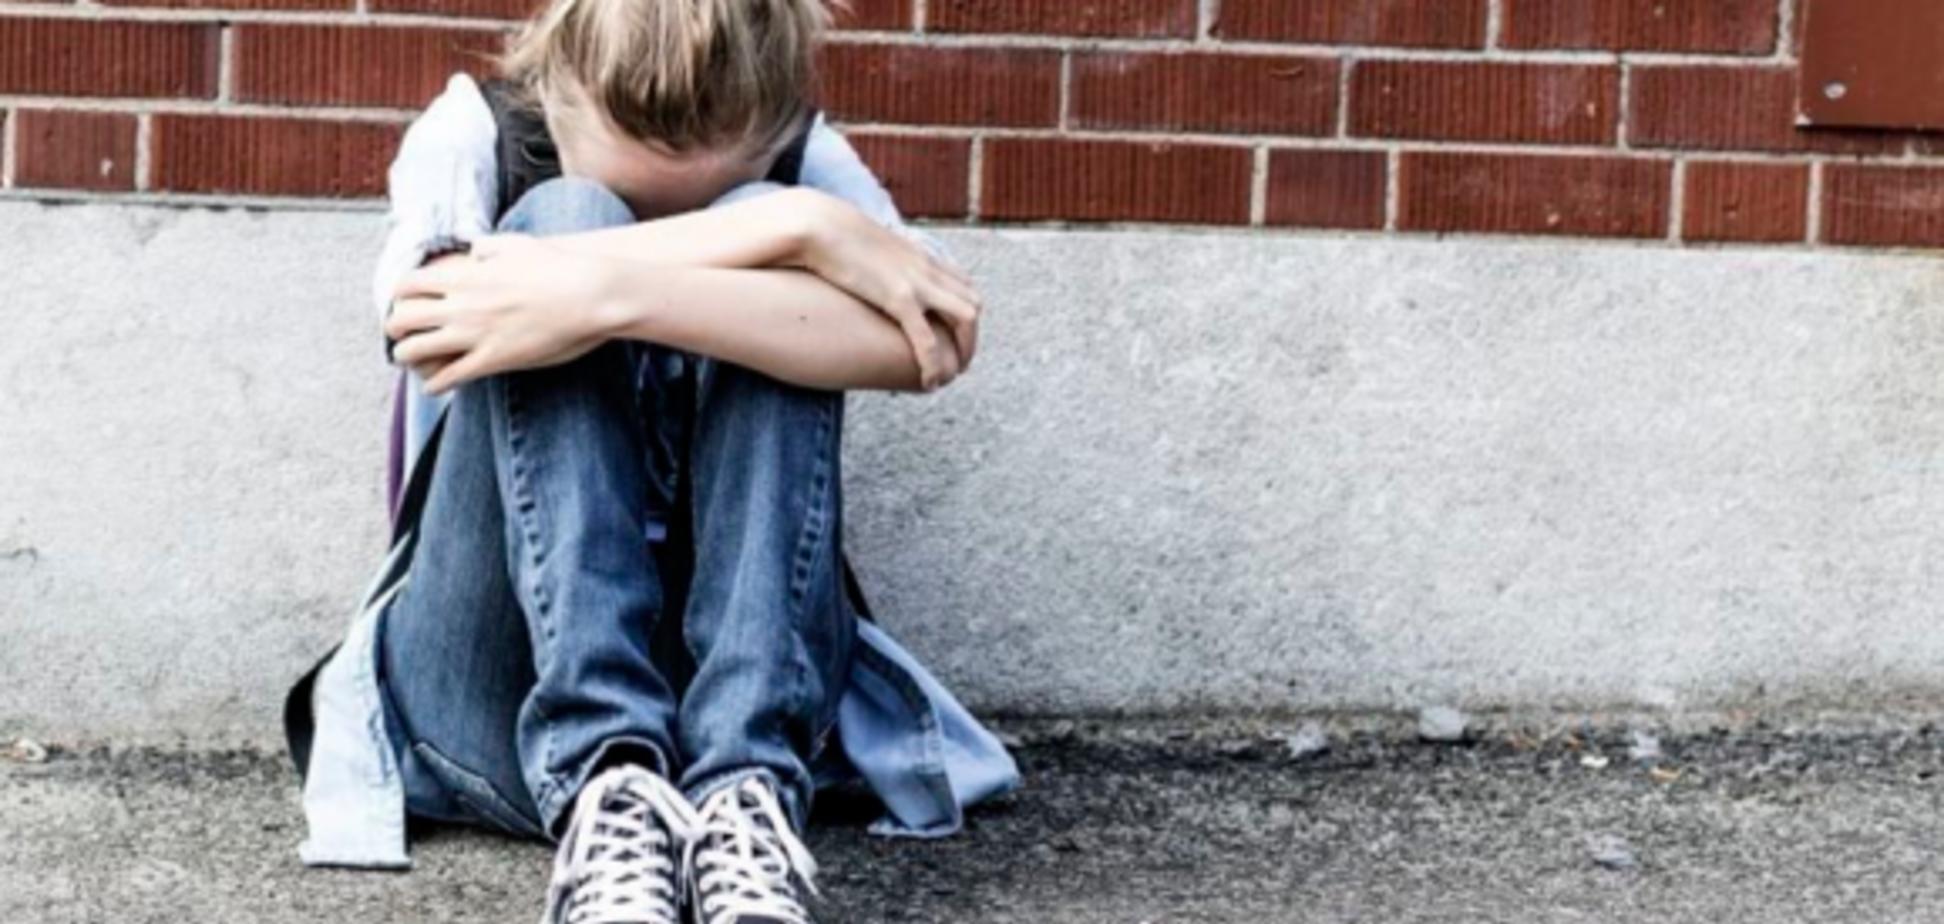 Учитель ничего не сделал: в Крыму школьники сломали нос девочке